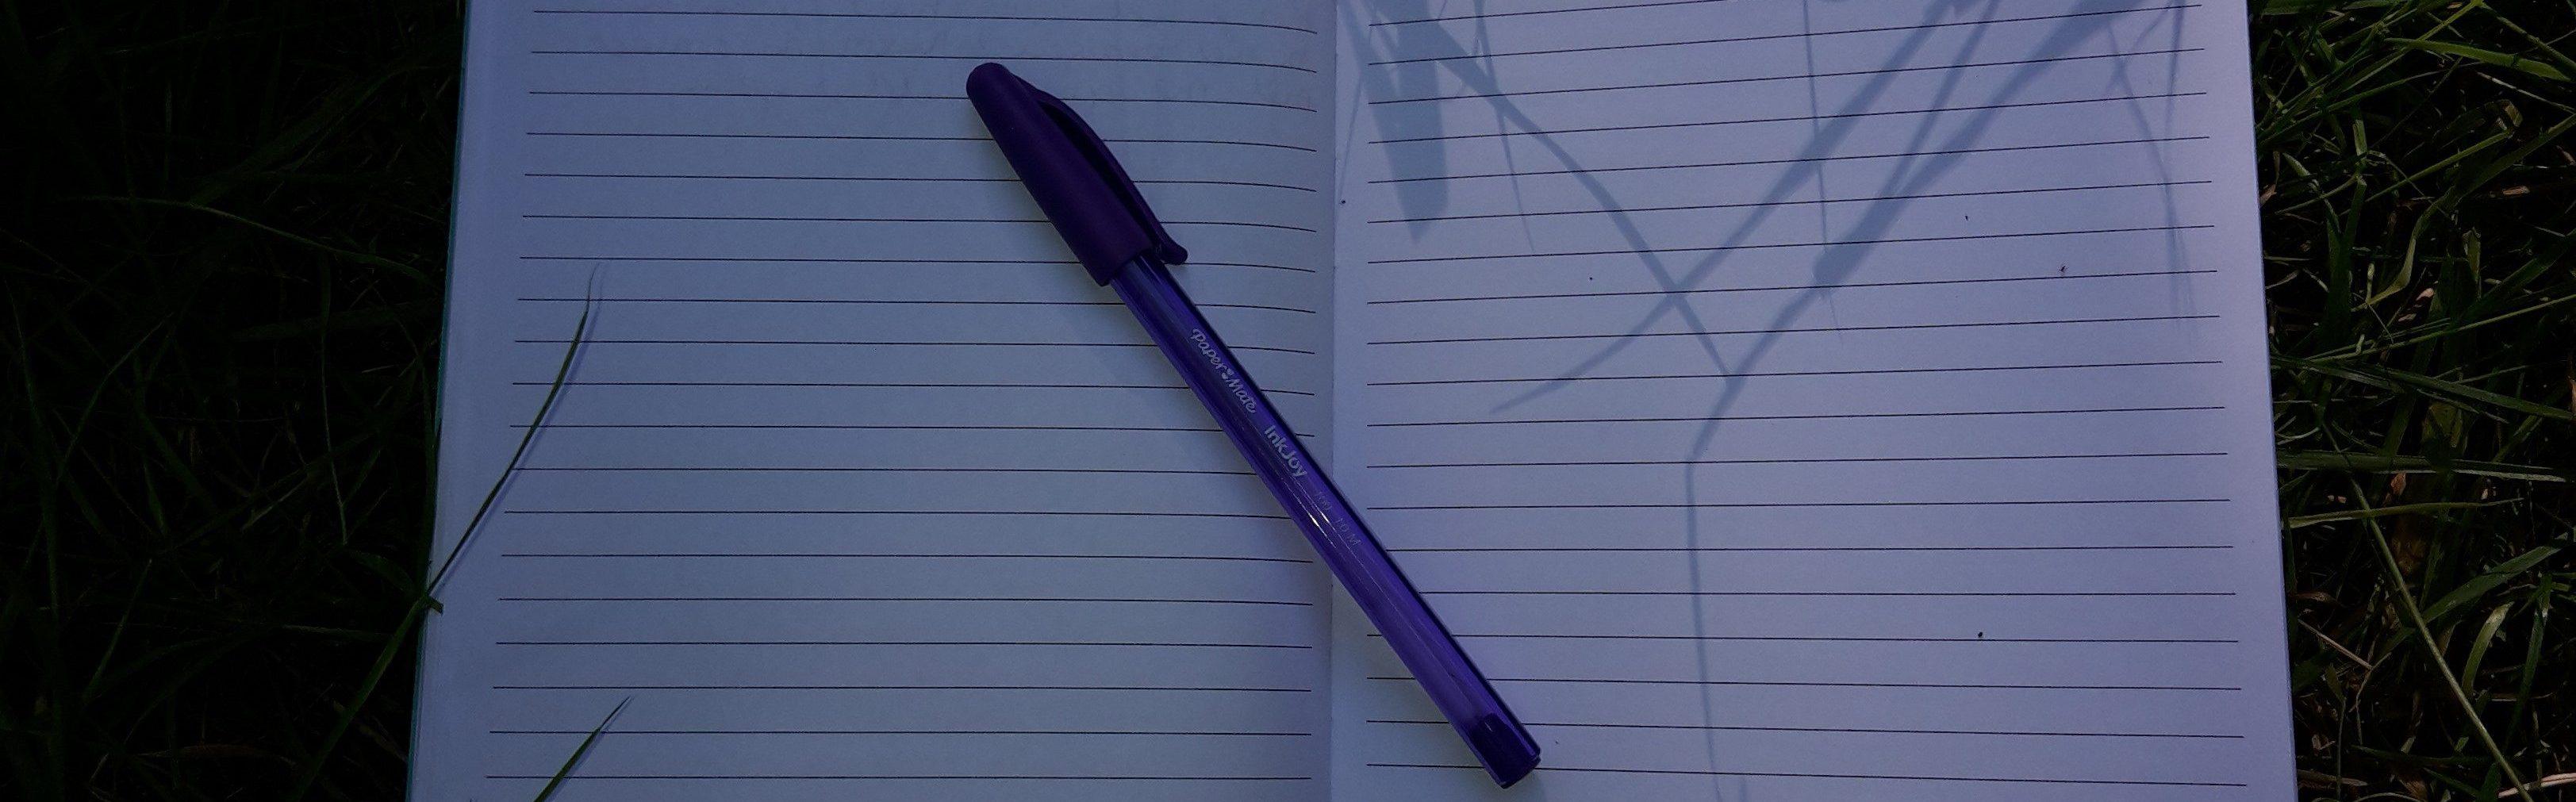 schrijfflow: inspiratie manipuleren